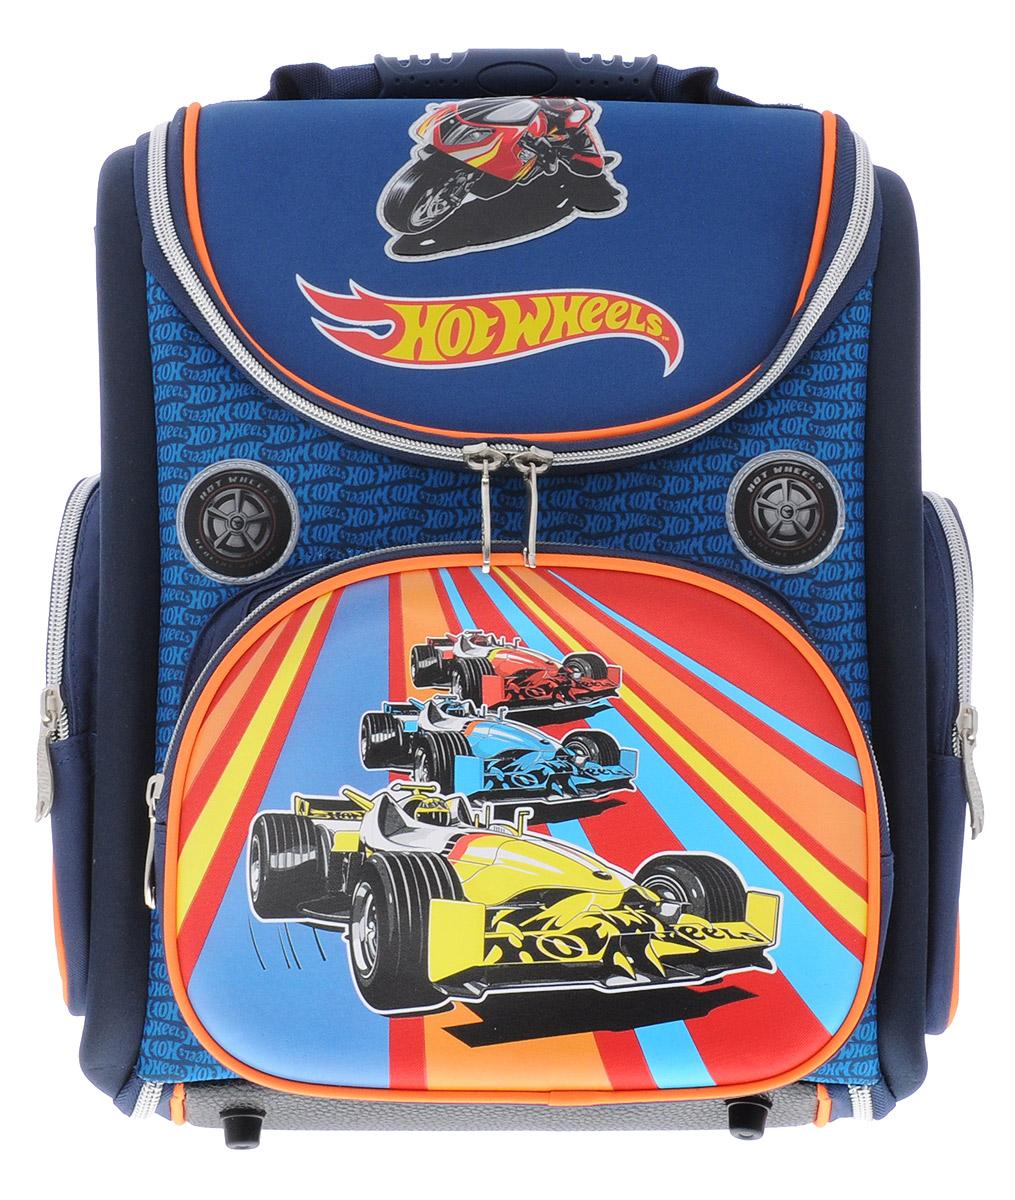 dd11a185f73a Hatber Школьный ранец Hot Wheels — купить в интернет-магазине OZON.ru с  быстрой доставкой